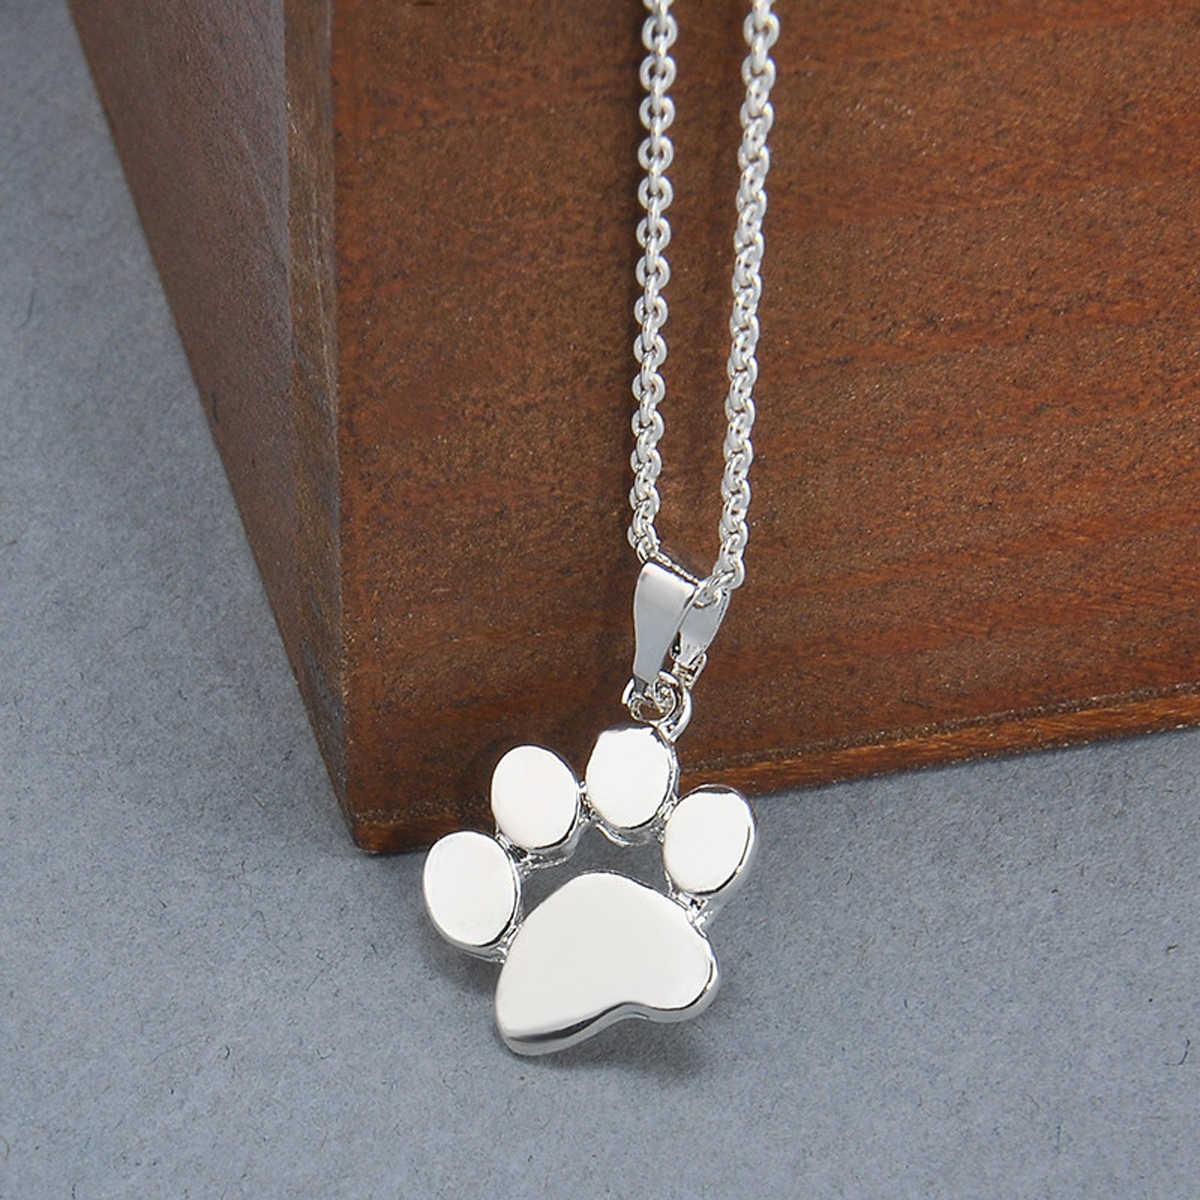 かわいい猫犬のネックレス素敵な動物あしあとネックレスペンダントシルバーゴールド猫犬足跡長鎖ネックレス女性ジュエリー